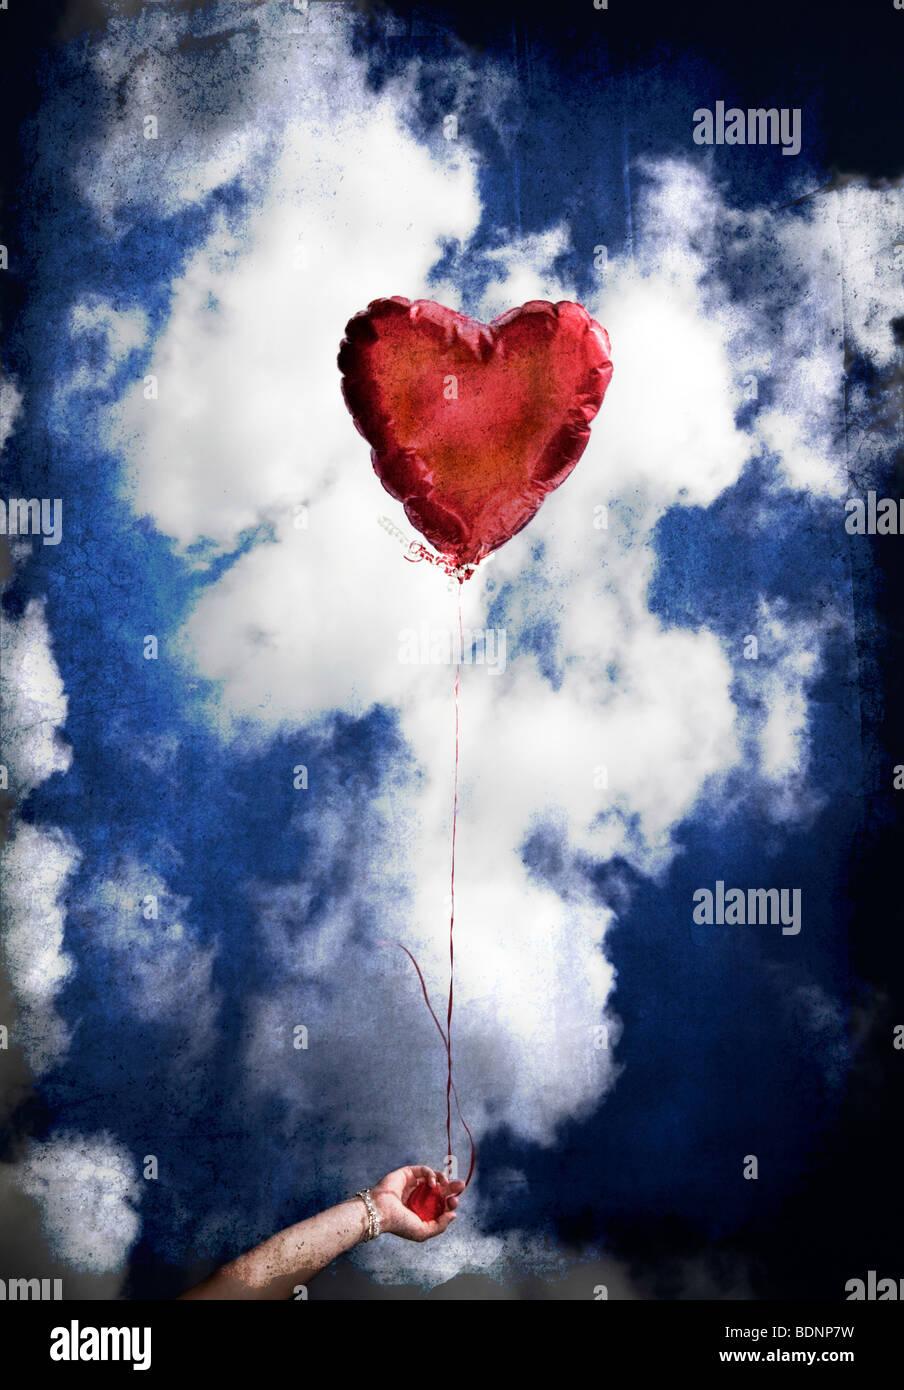 Una niña sostiene un globo rojo con forma de corazón le gustaba contra el cielo azul. Imagen De Stock